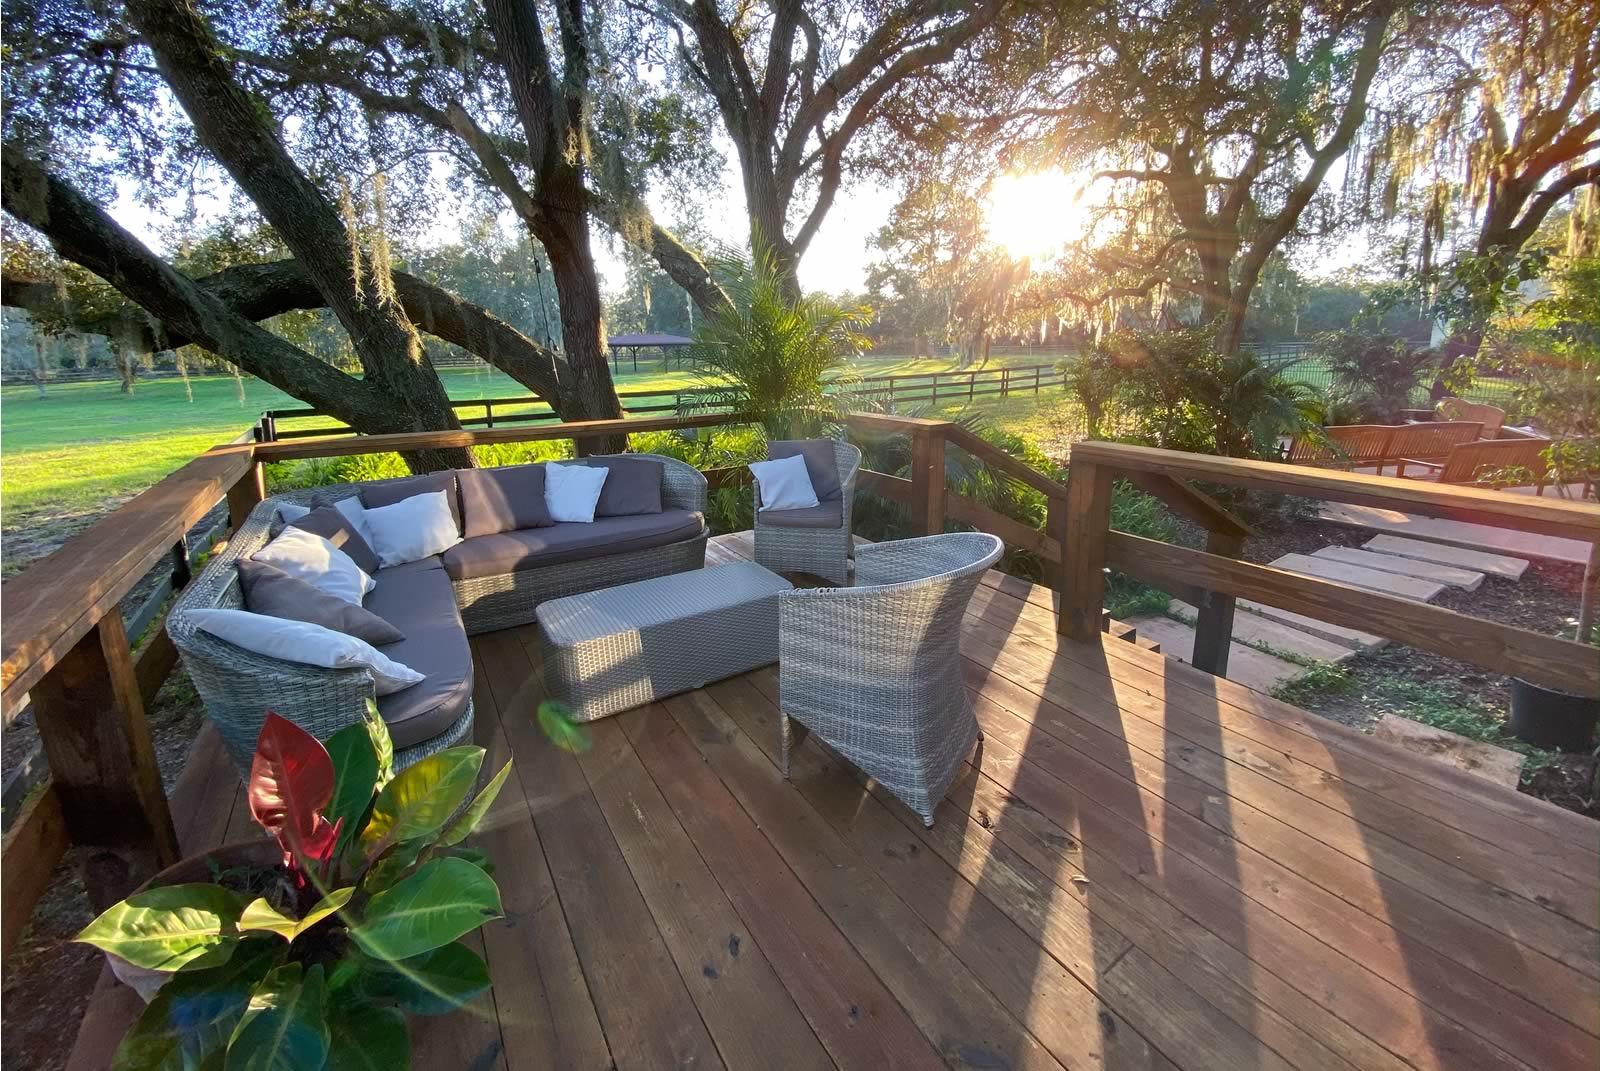 Groom ready suite BLB Hacienda Outdoor patio